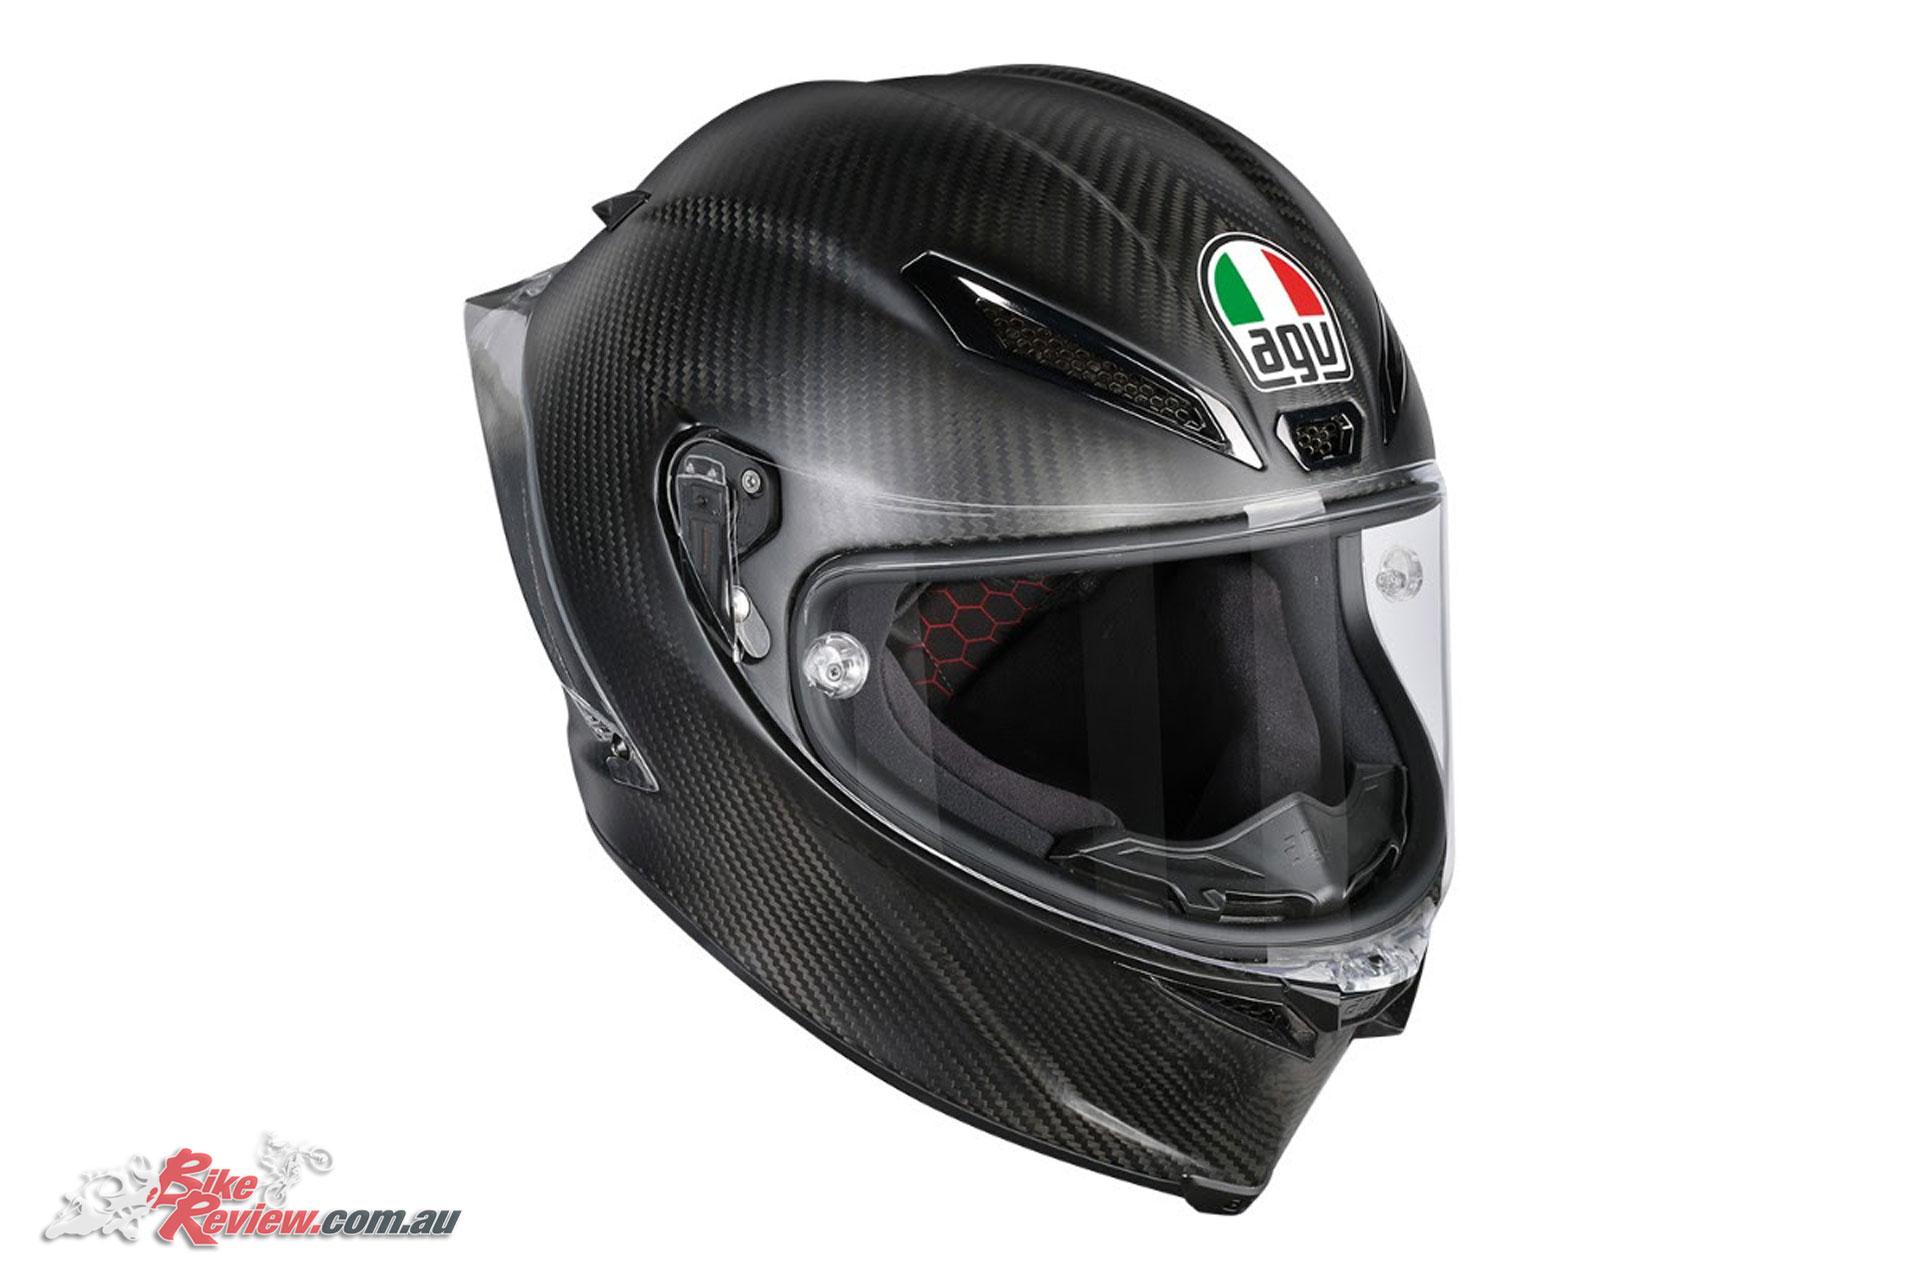 The AGV Pista GP R Helmet